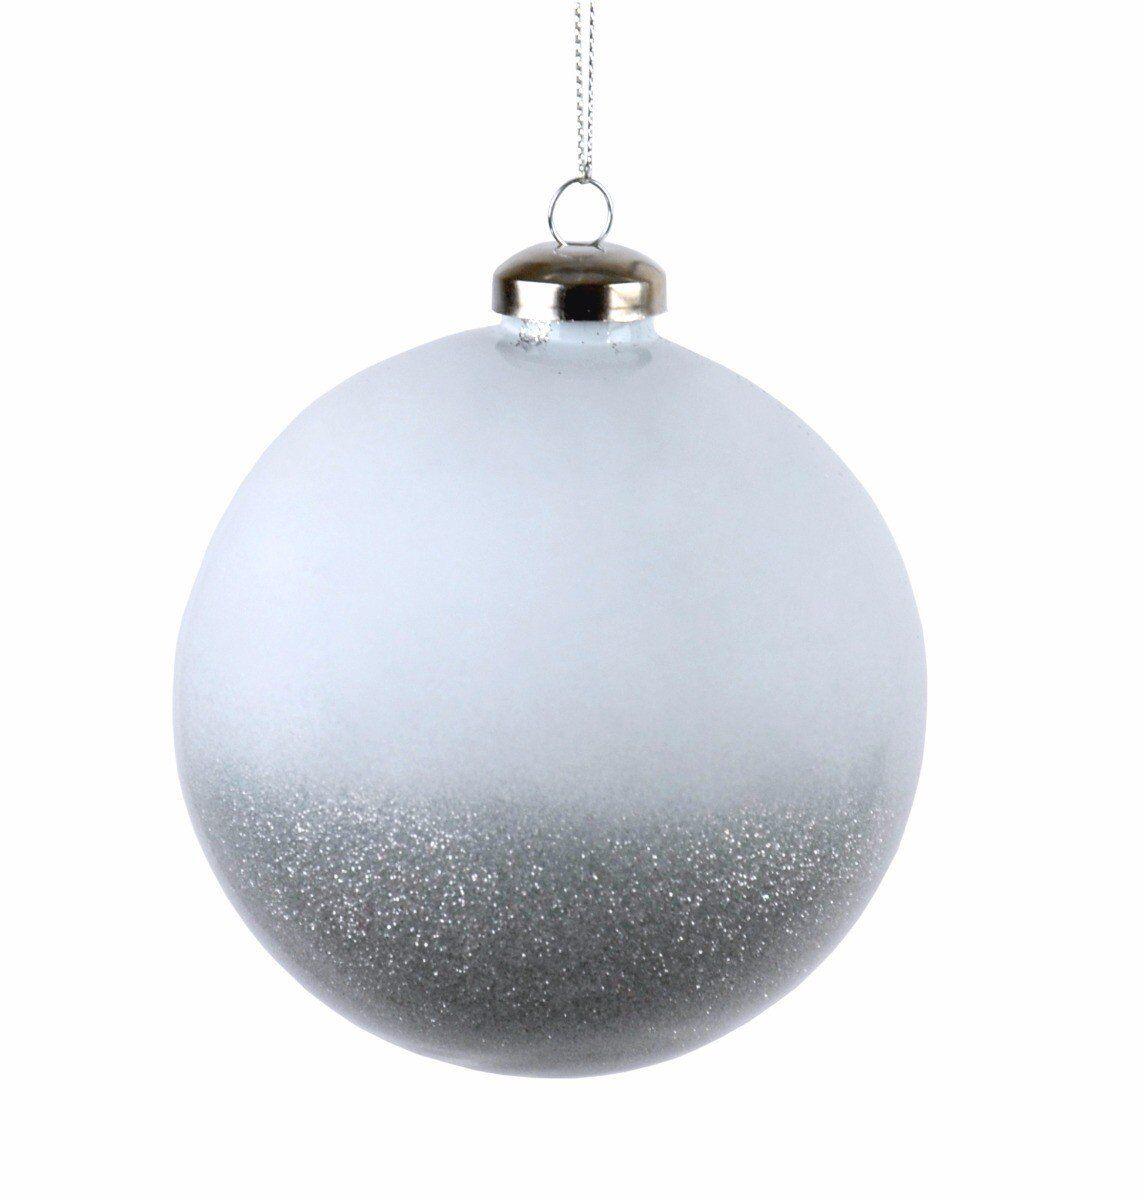 Biała bombka z brokatem 10cm